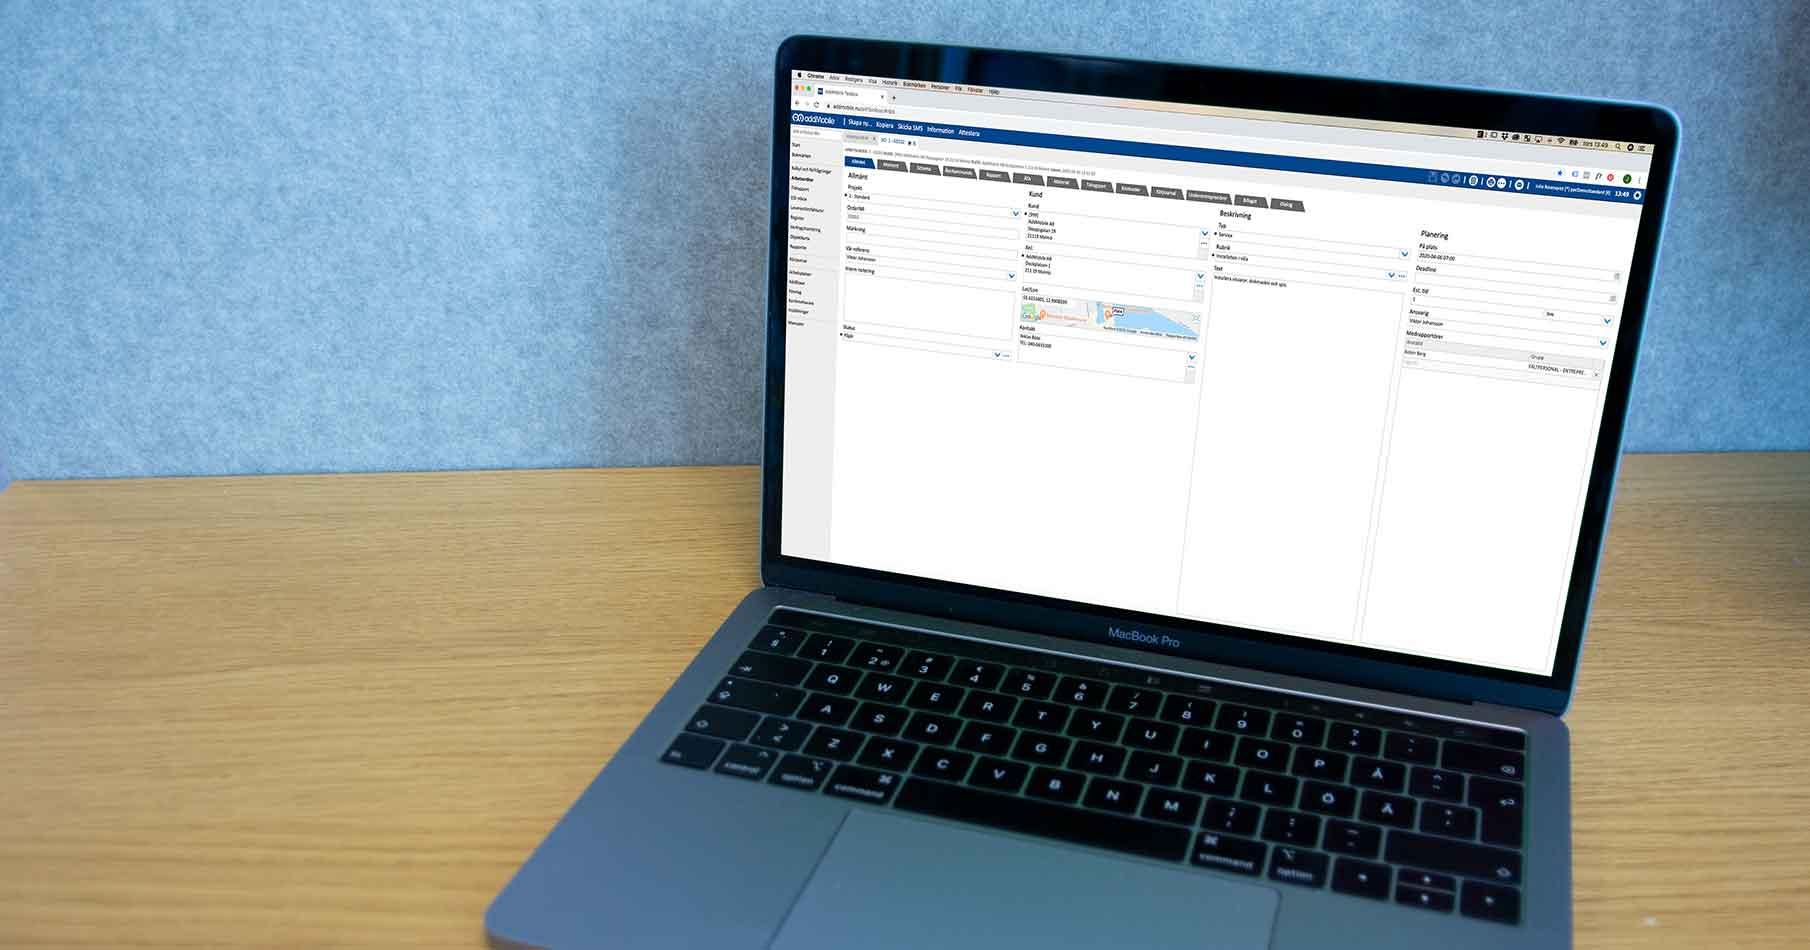 Laptop på skrivbord med AddMobiles projekthanteringssystem på skärmen